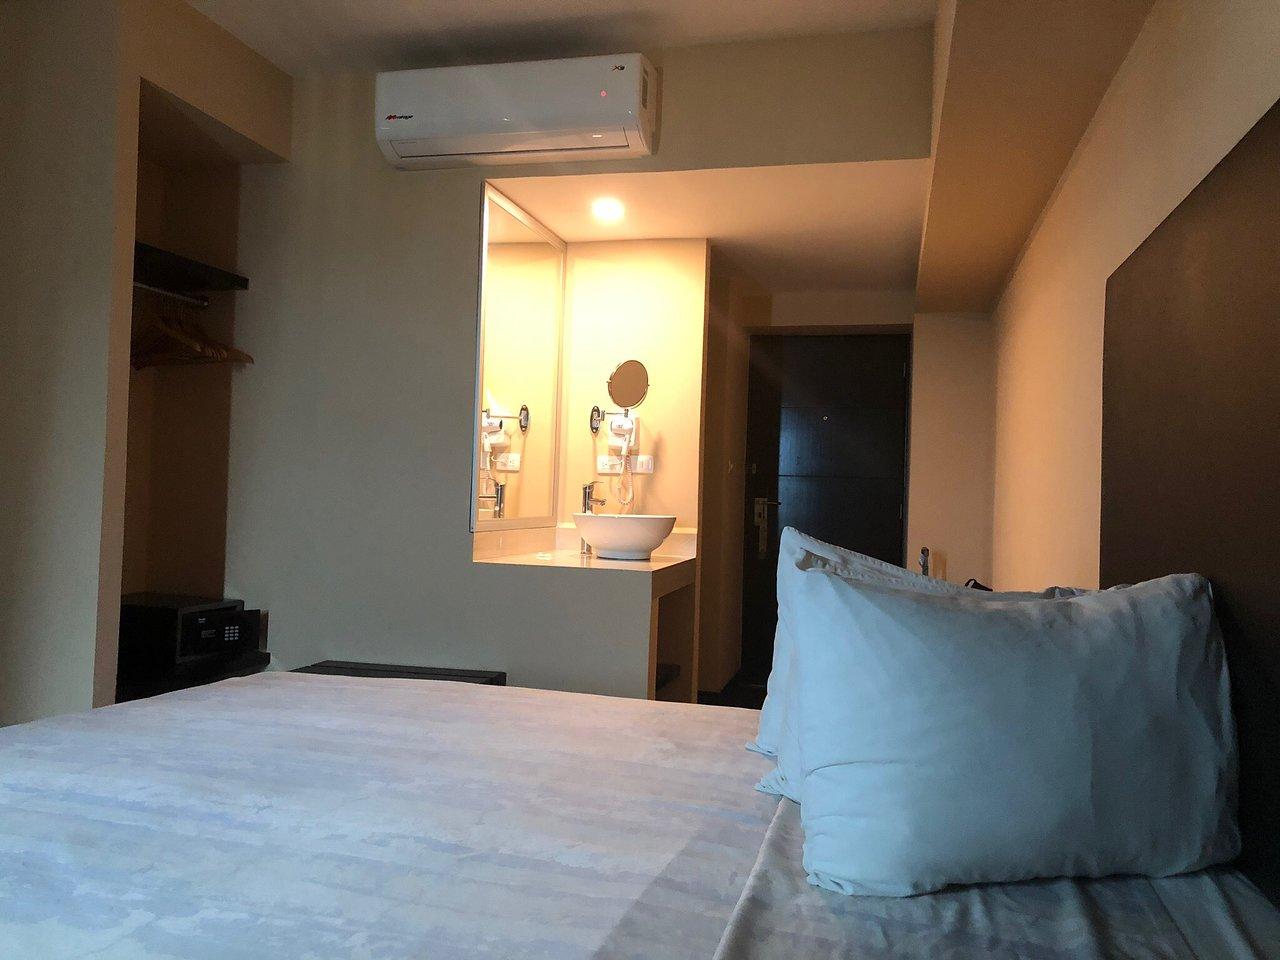 Hotel Terraza Del Sol 19 3 0 Prices Reviews